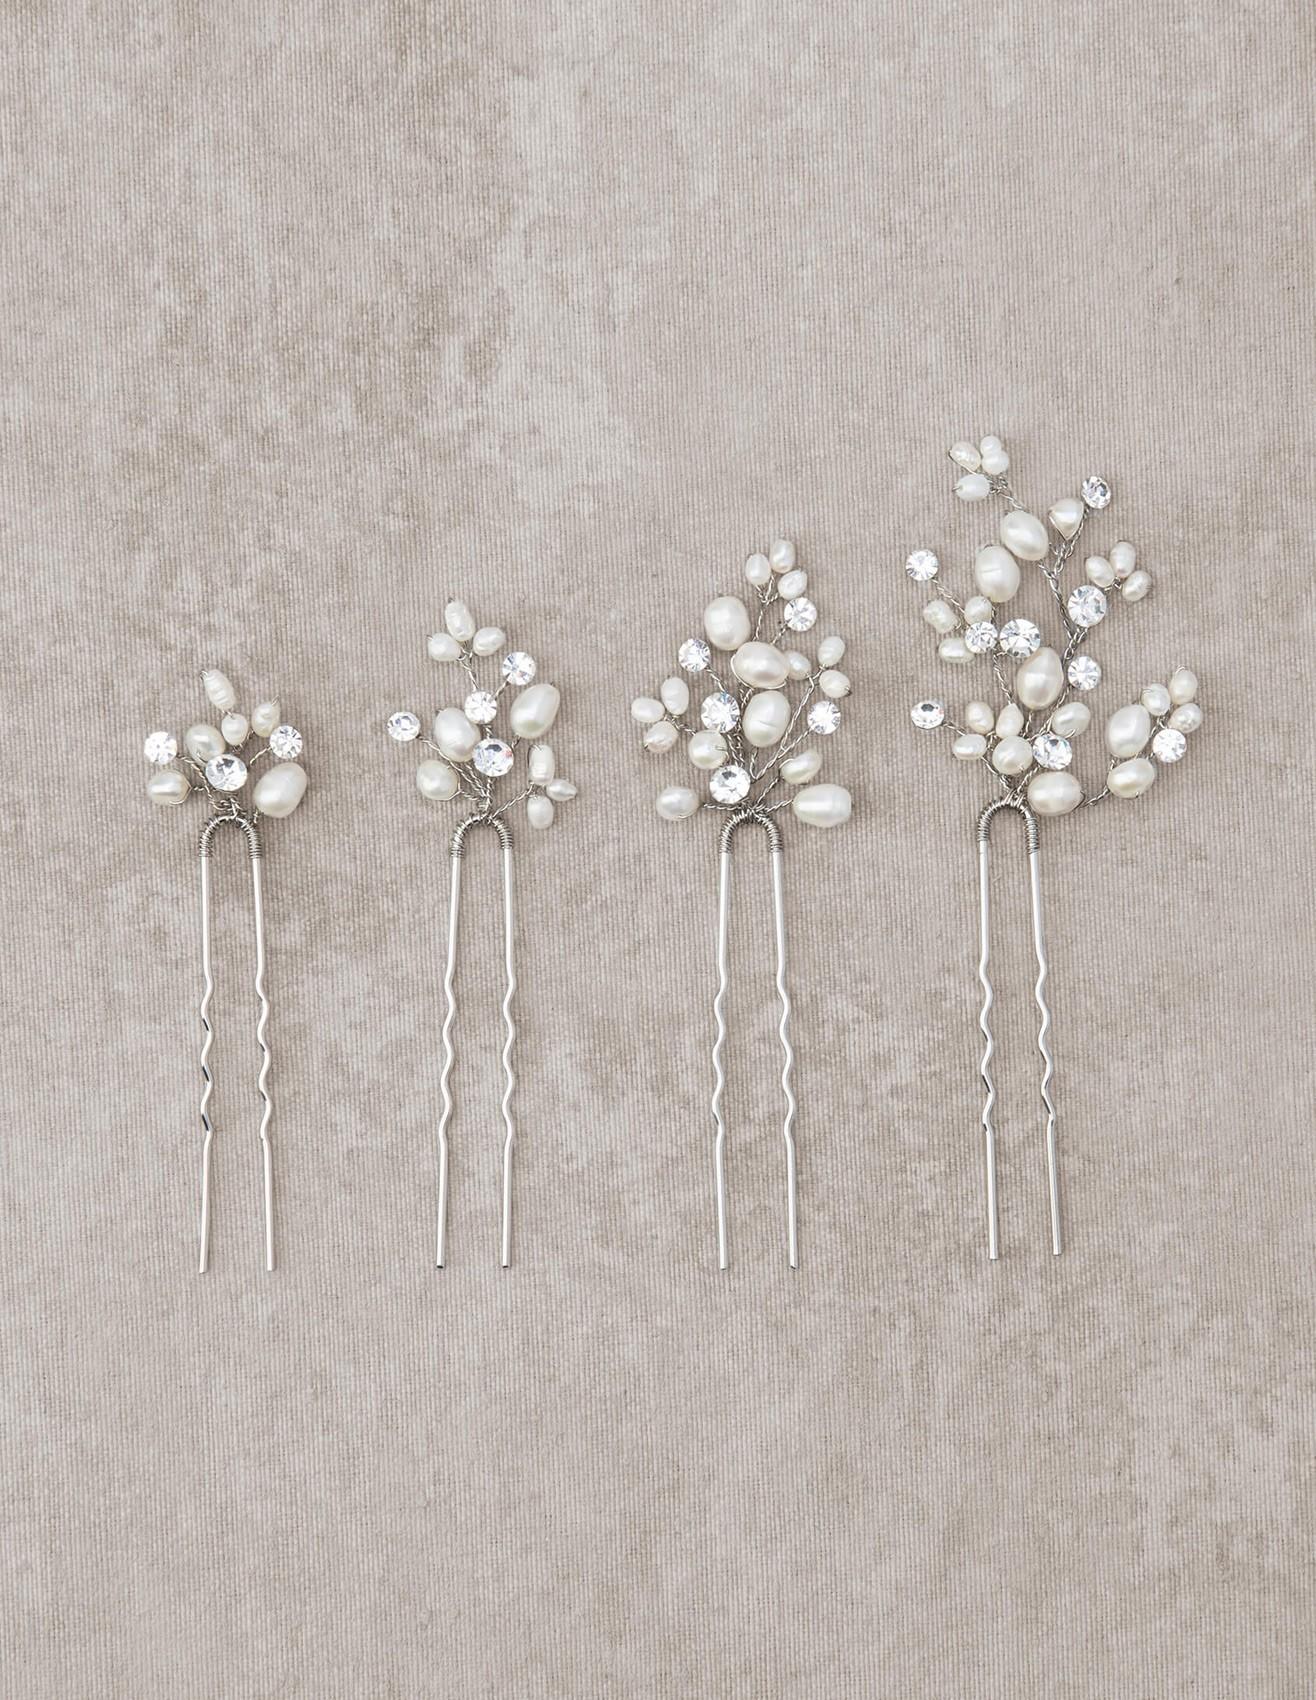 اکسسوری موی عروس شامل هر چیزی می شود که بر رو یا لا به لای موی عروس به عنوان تزئینی برای موهای عروس ، قرار می گیرد